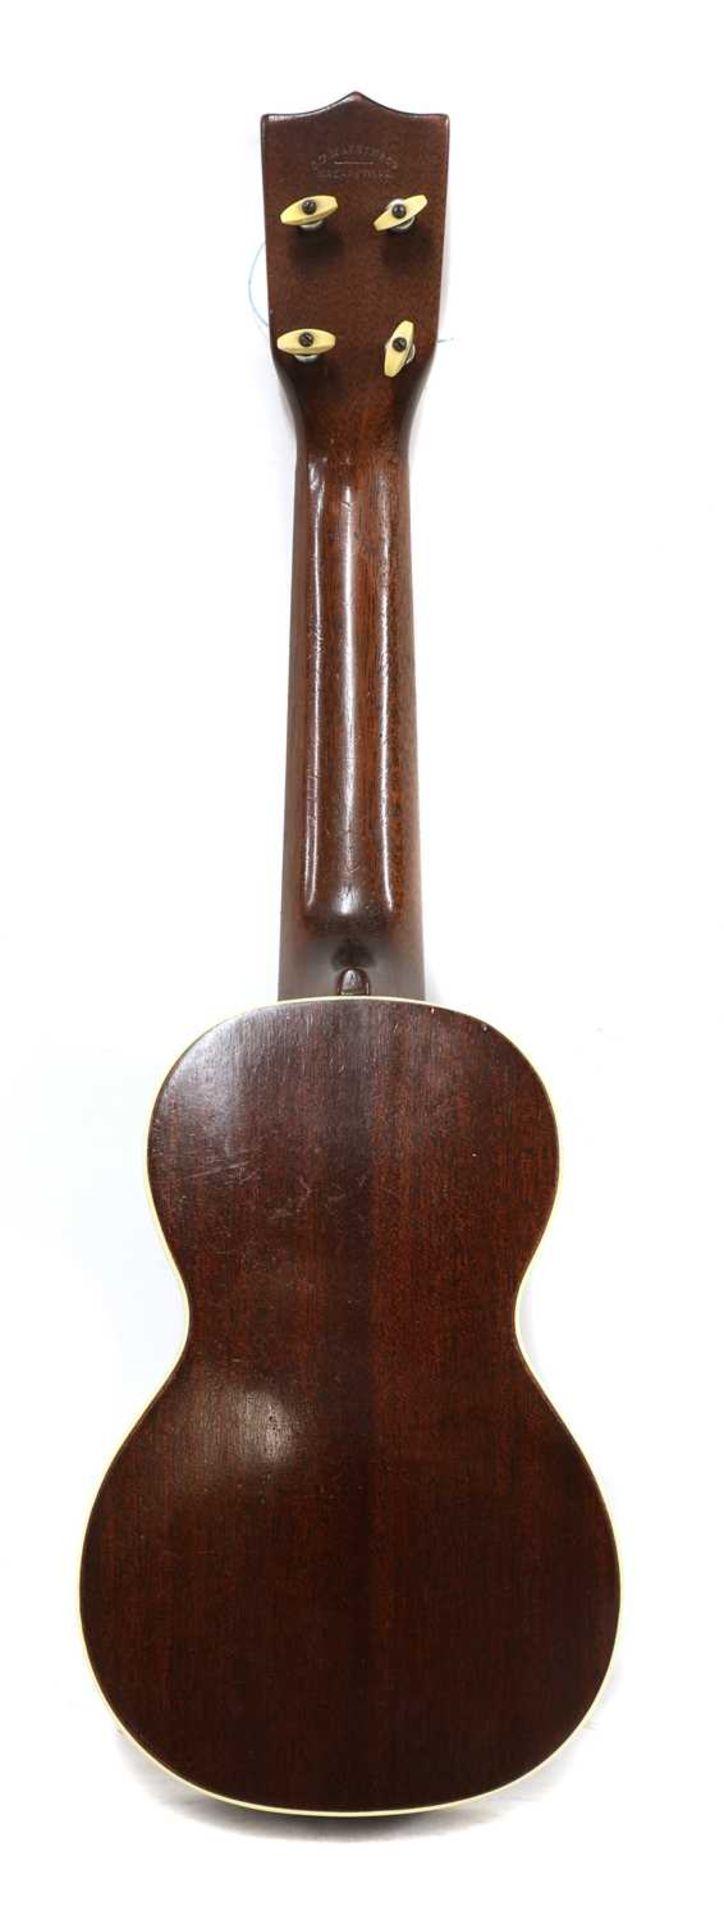 A Martin & Co. Style 2 ukulele, - Image 3 of 7